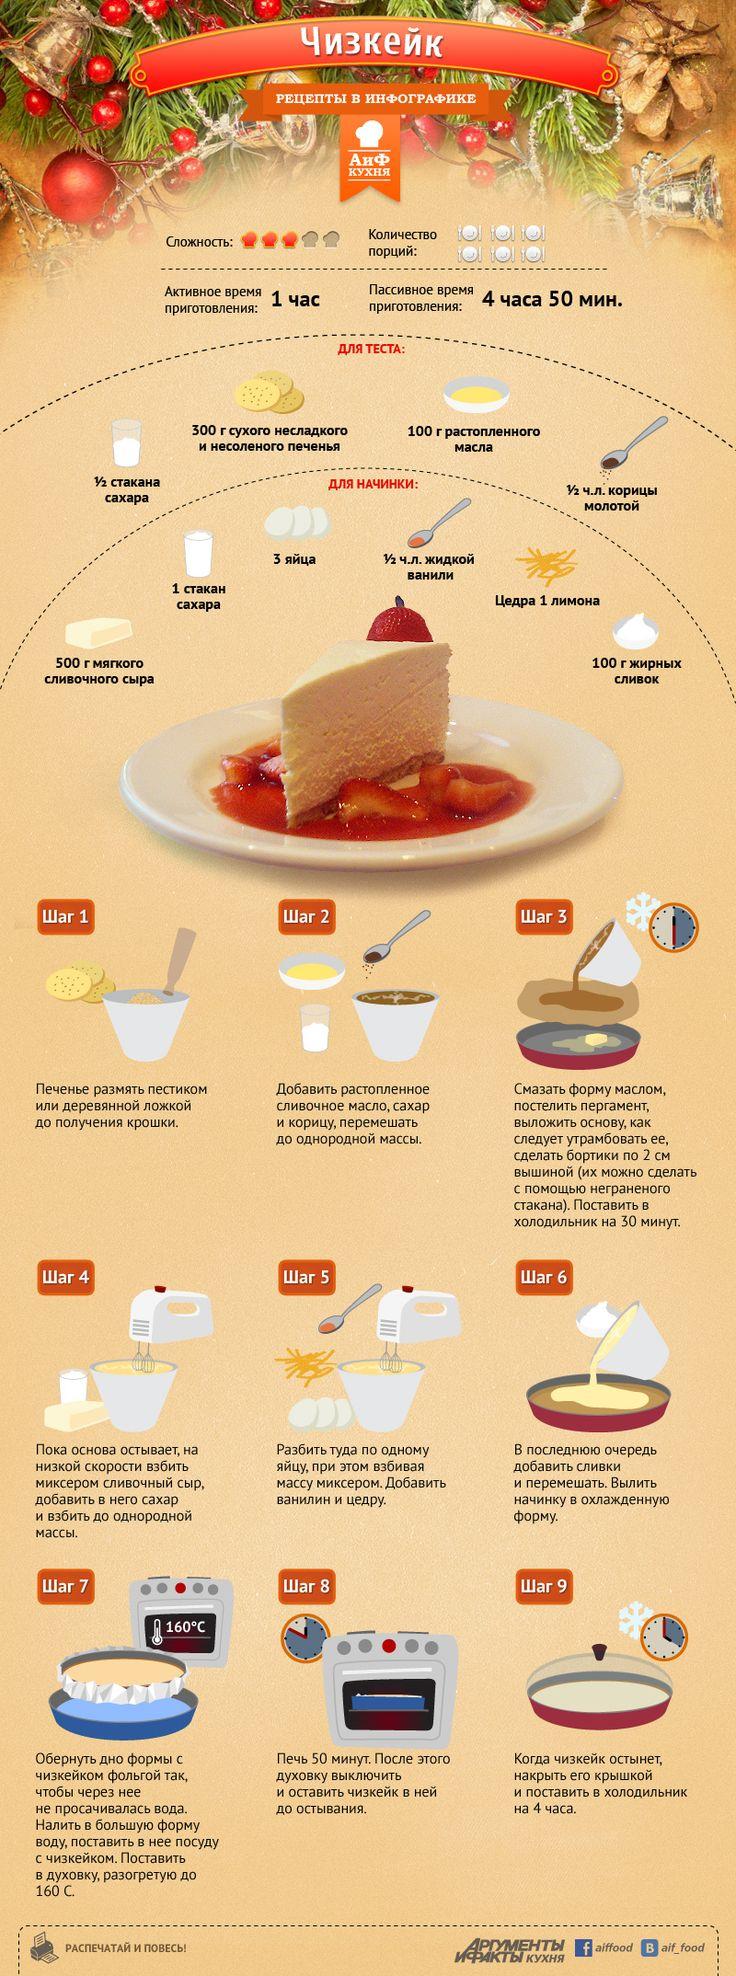 рецепты в инфографике - Самое интересное в блогах